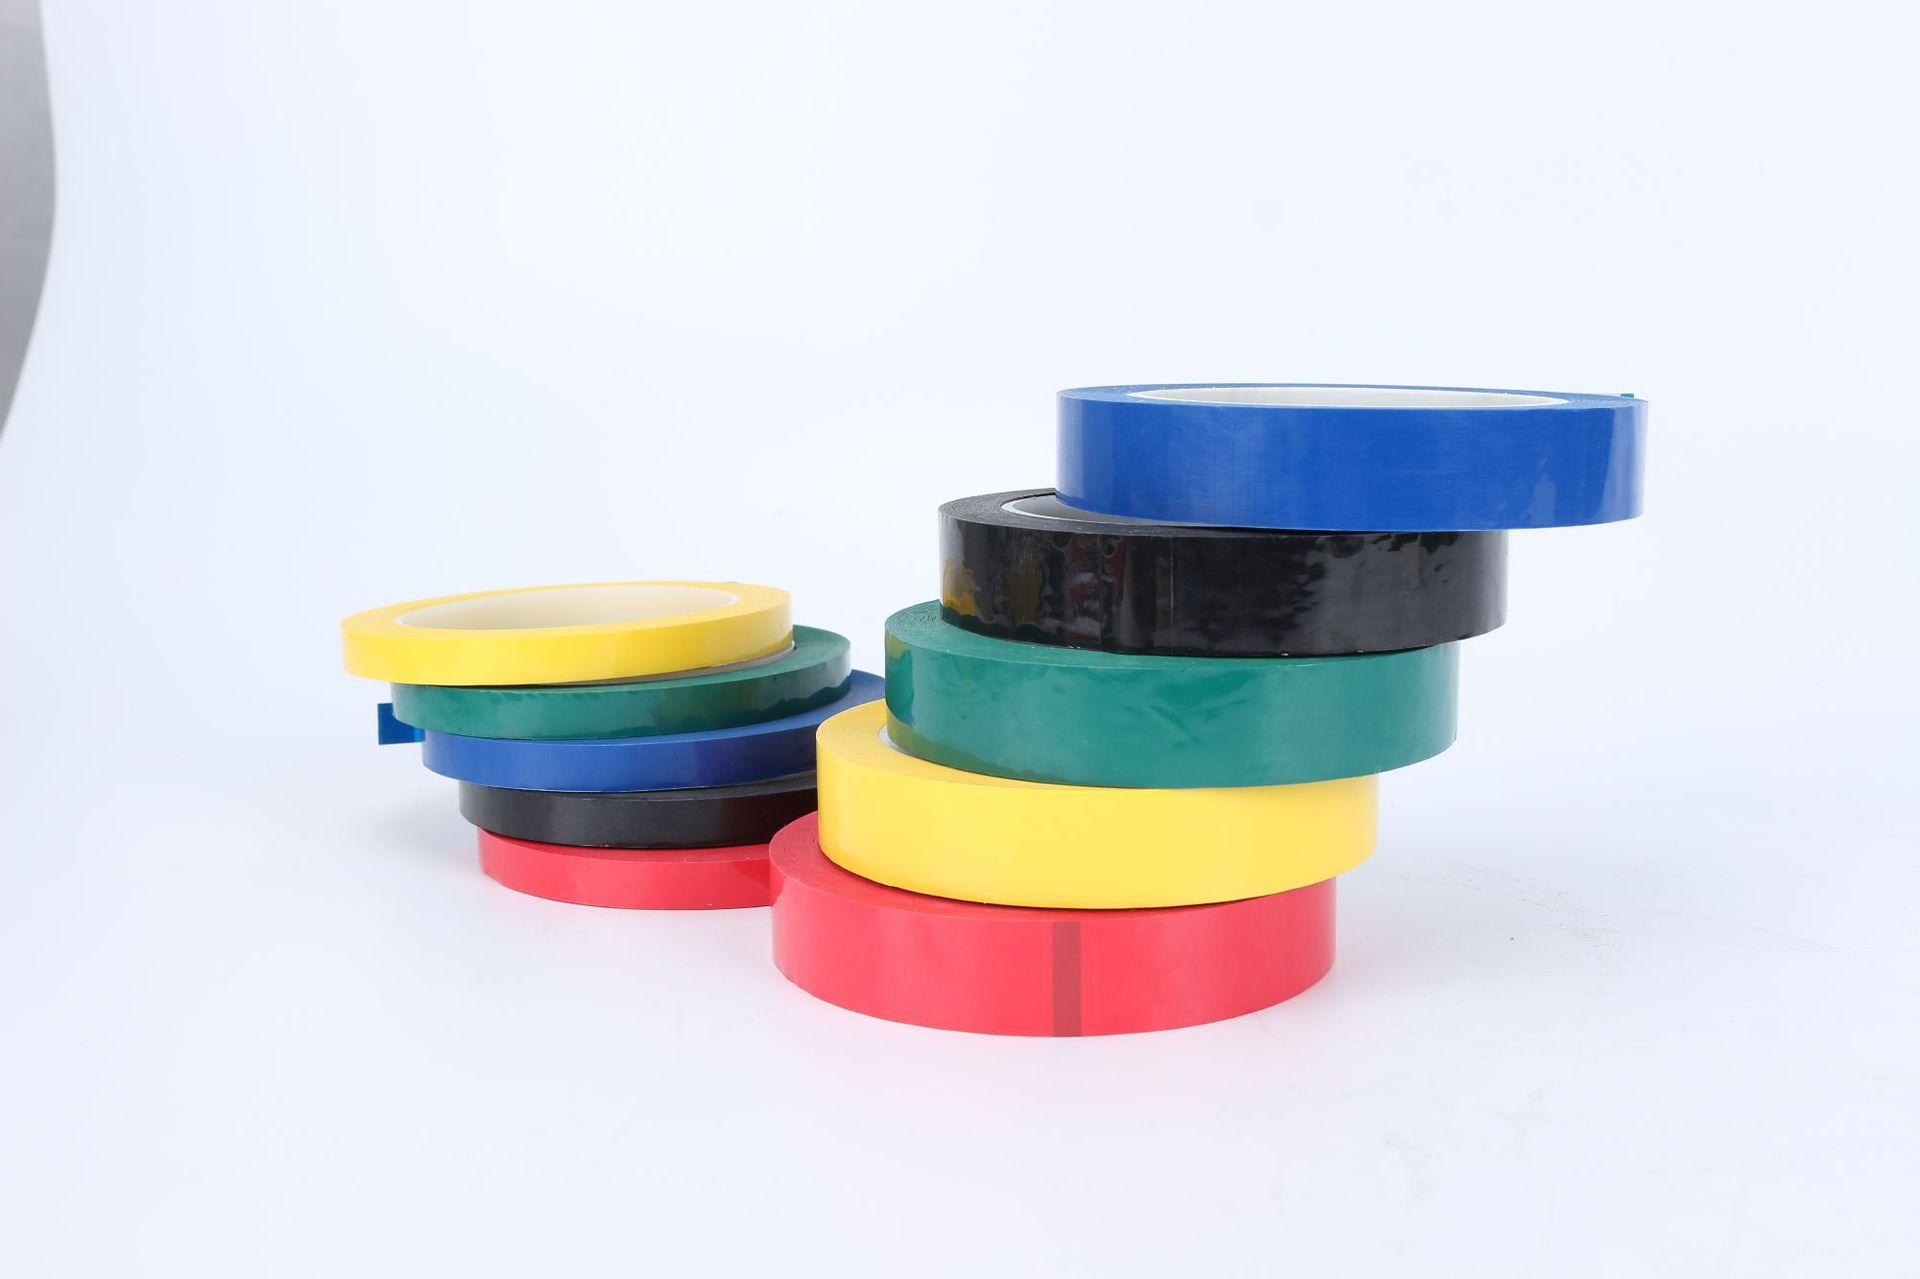 5S定位胶带标识警示固定不留胶红黄蓝绿白黑透明无痕粘贴厂家直销